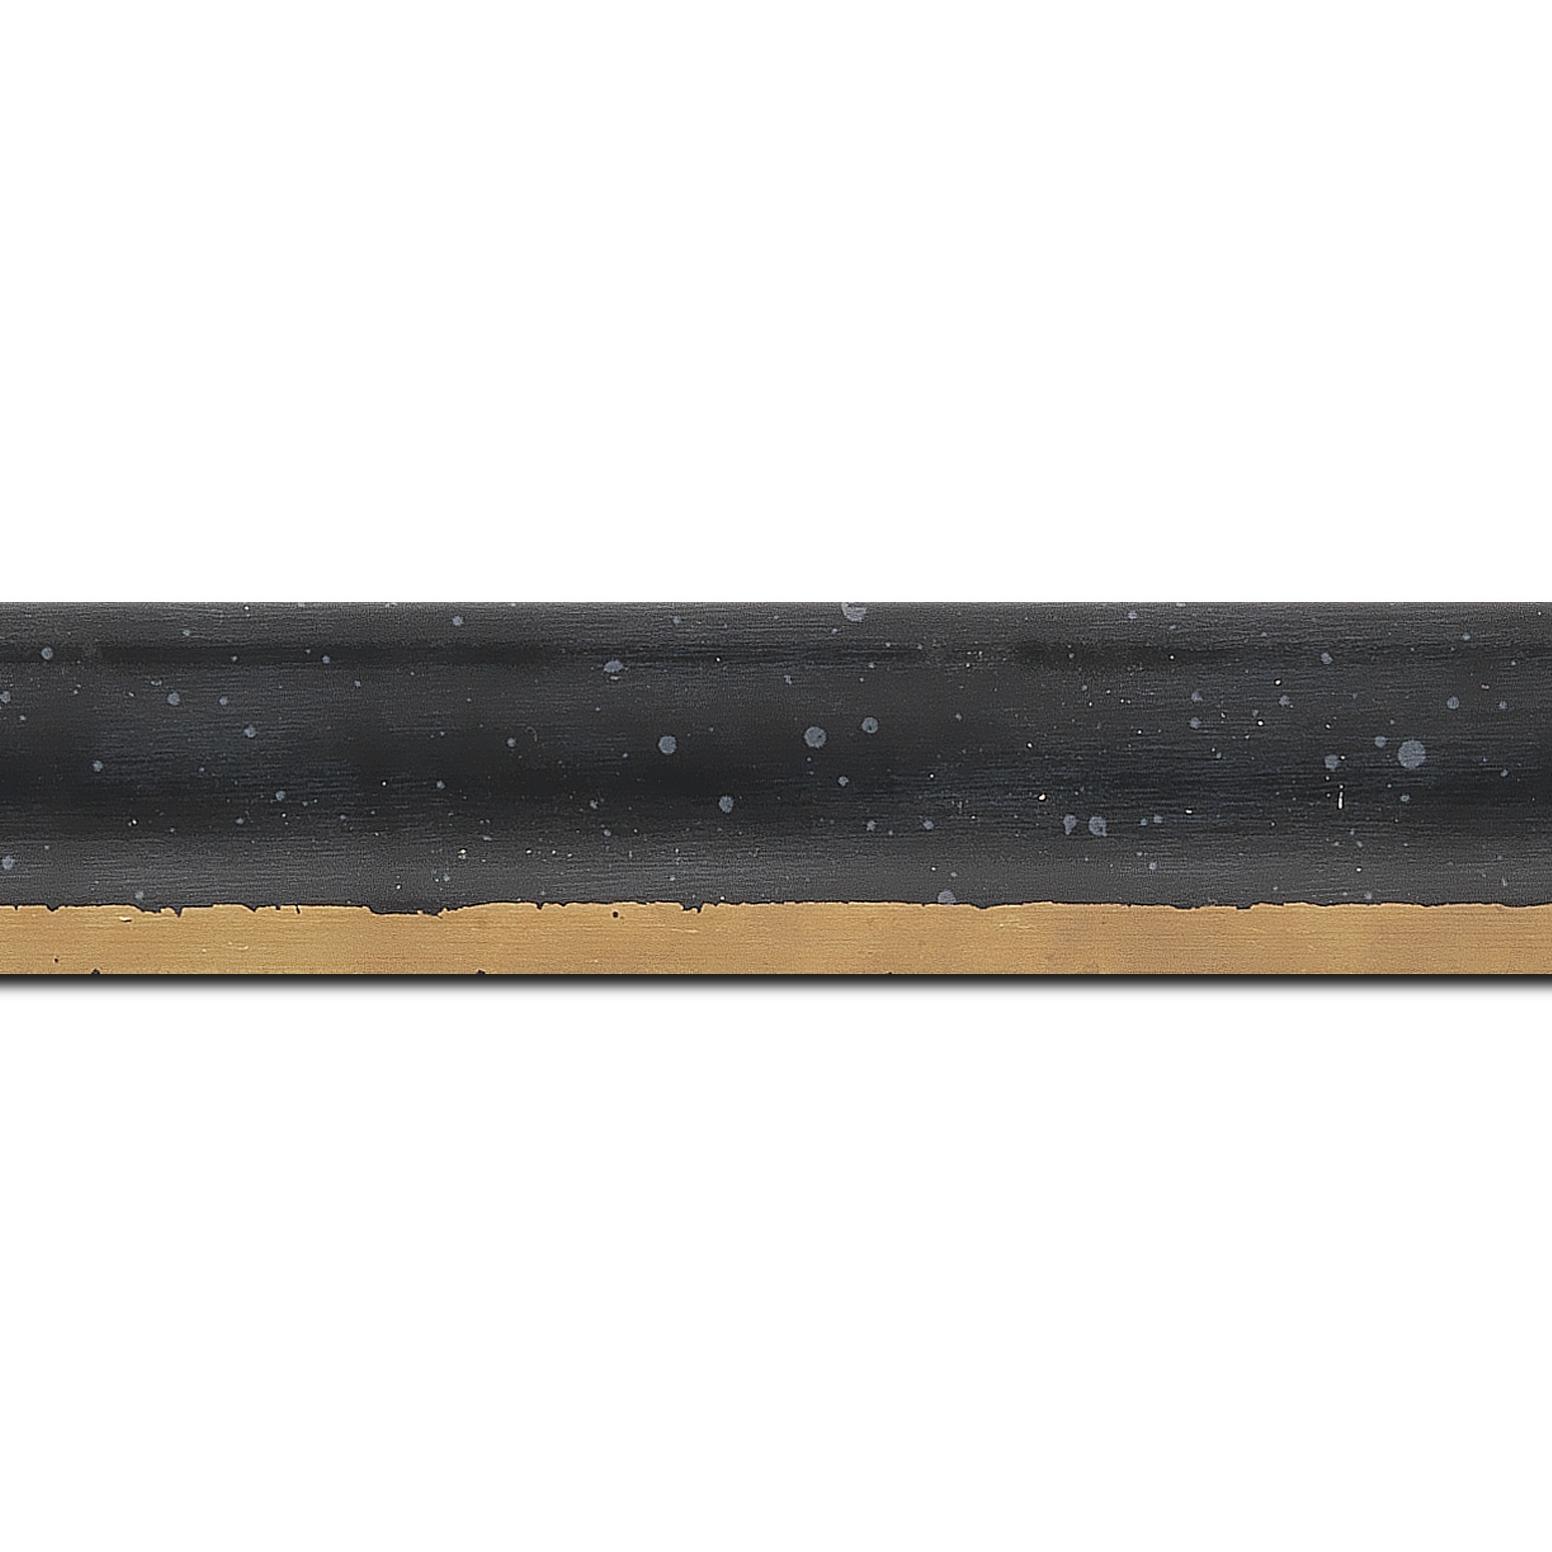 Baguette longueur 1.40m bois profil incurvé largeur 3.9cm noir tamisé filet or